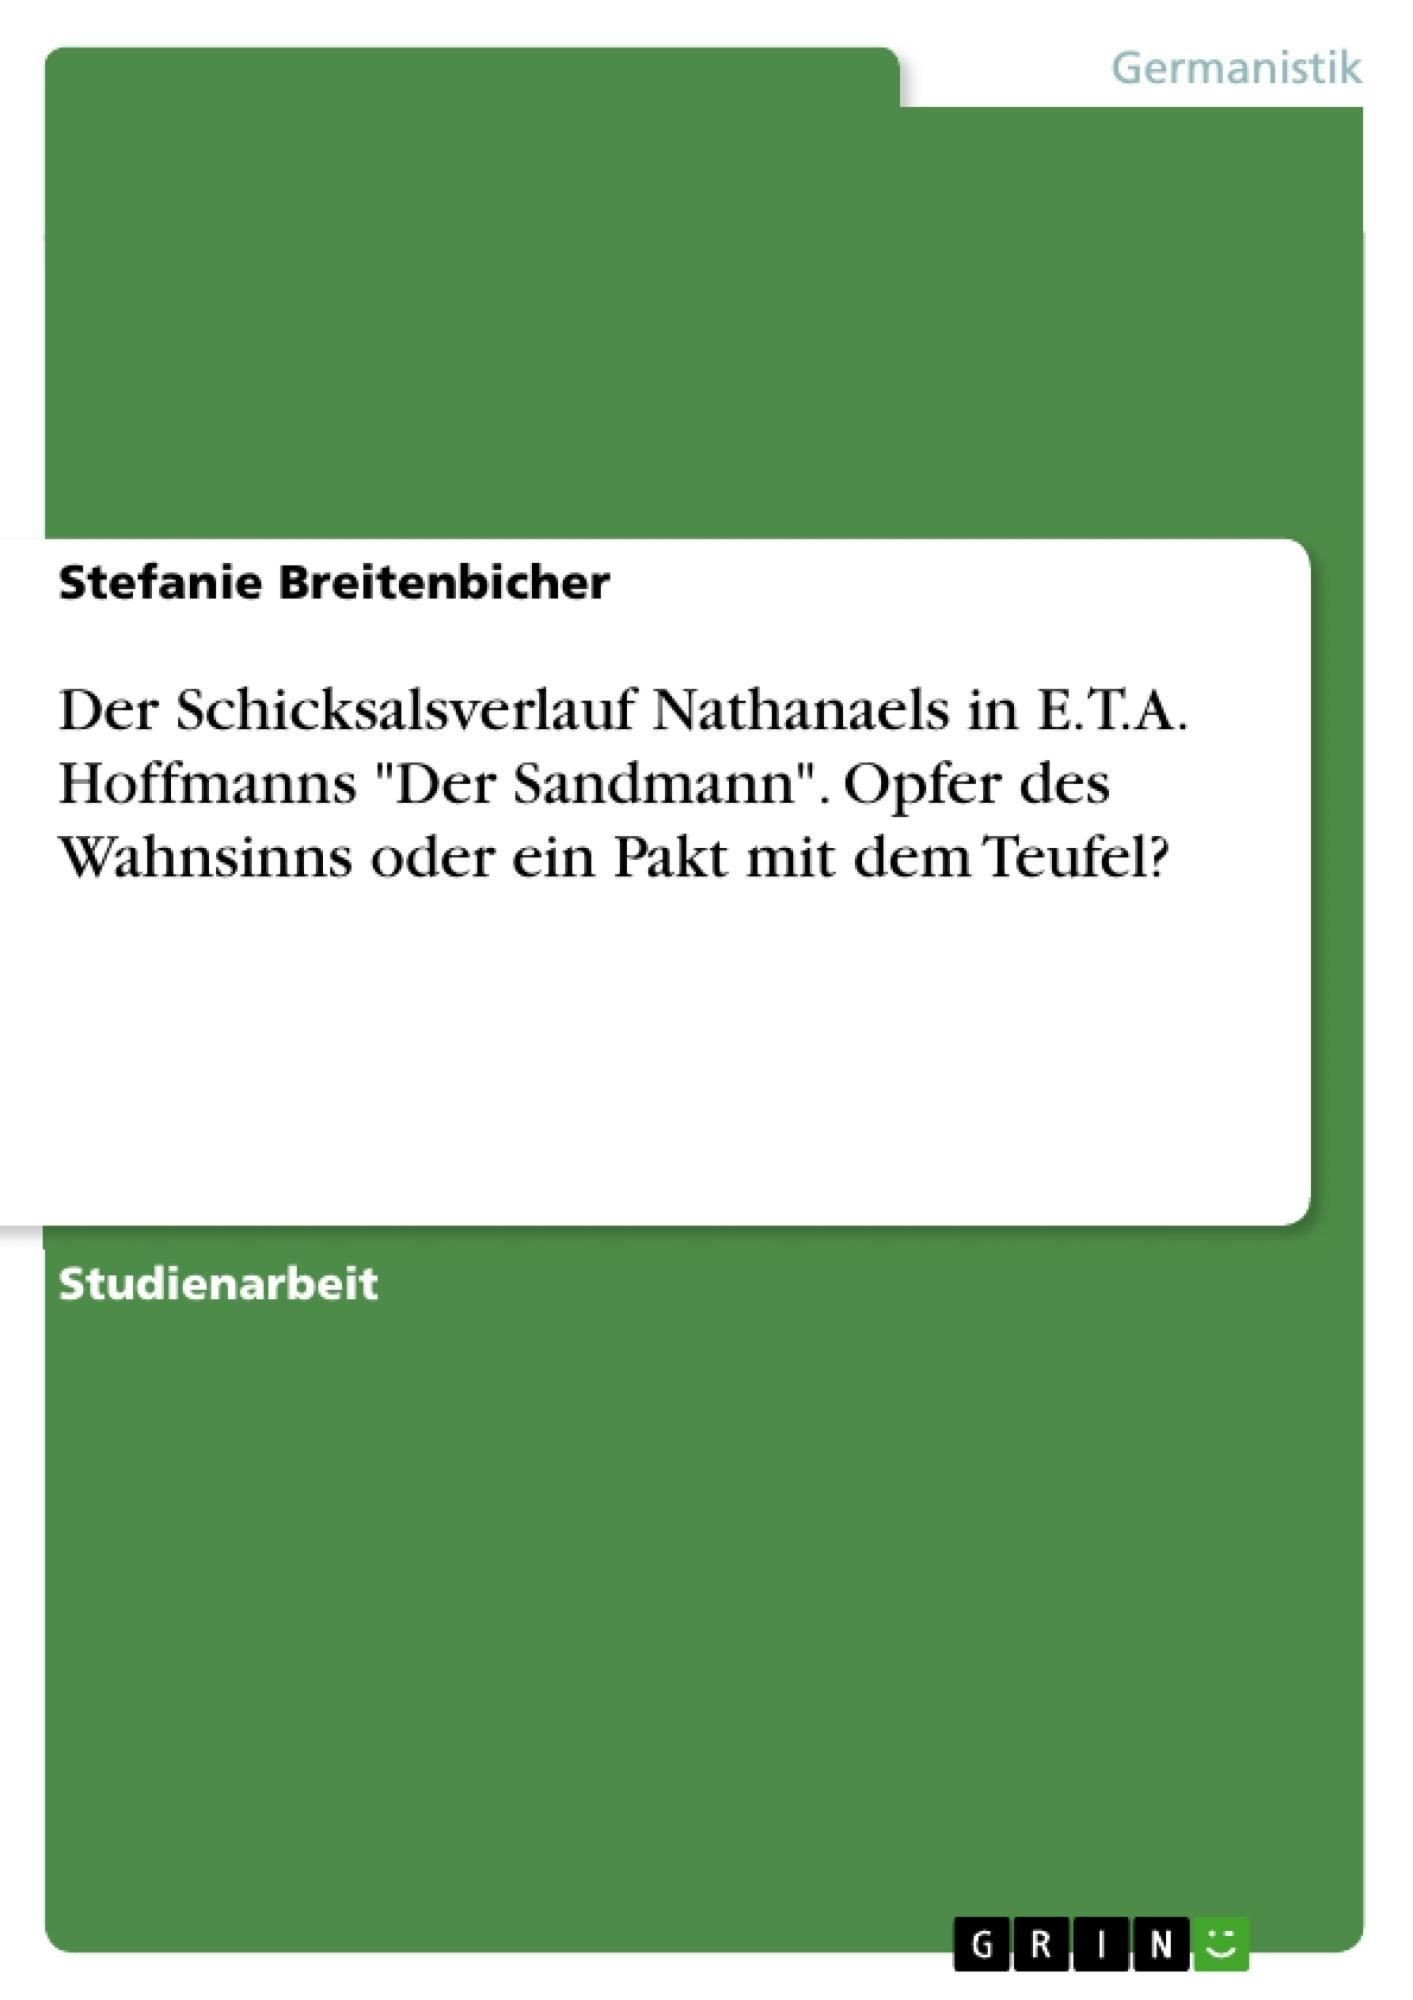 """Titel: Der Schicksalsverlauf Nathanaels in E.T.A. Hoffmanns """"Der Sandmann"""". Opfer des Wahnsinns oder ein Pakt mit dem Teufel?"""